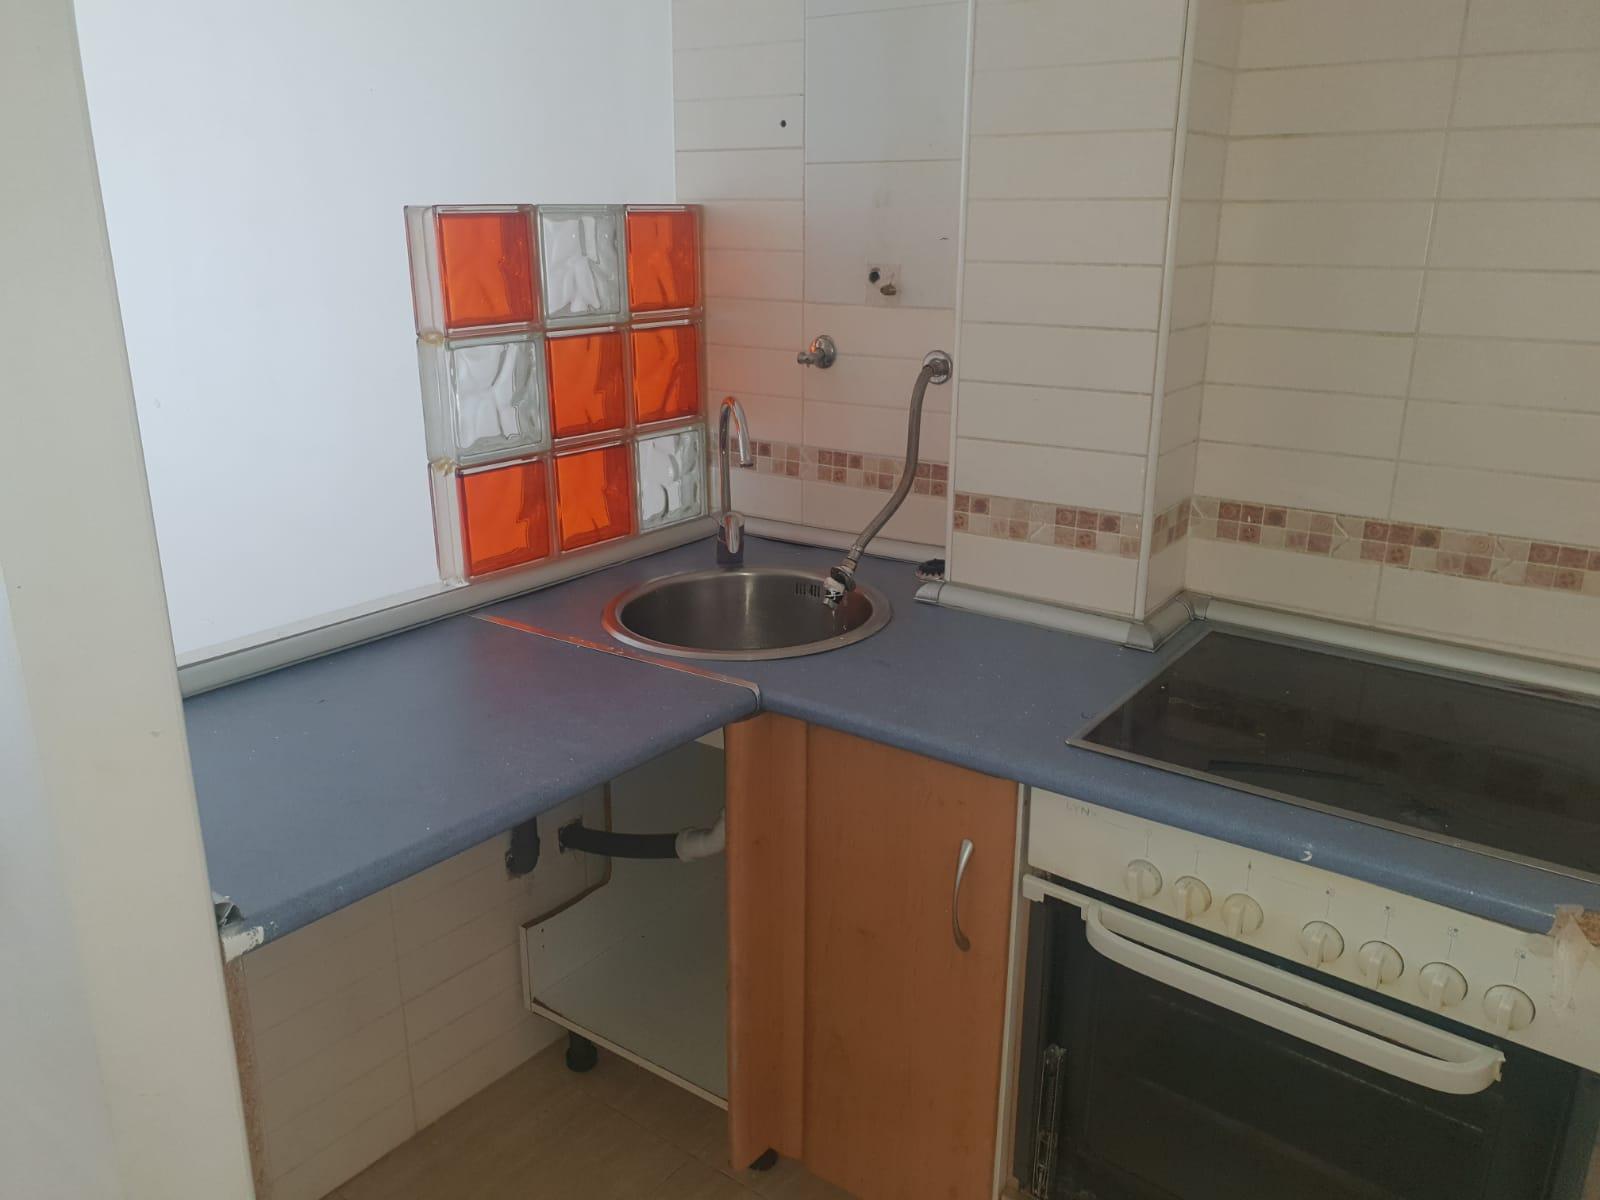 Piso en venta en Piso en Talavera de la Reina, Toledo, 62.000 €, 2 habitaciones, 1 baño, 51 m2